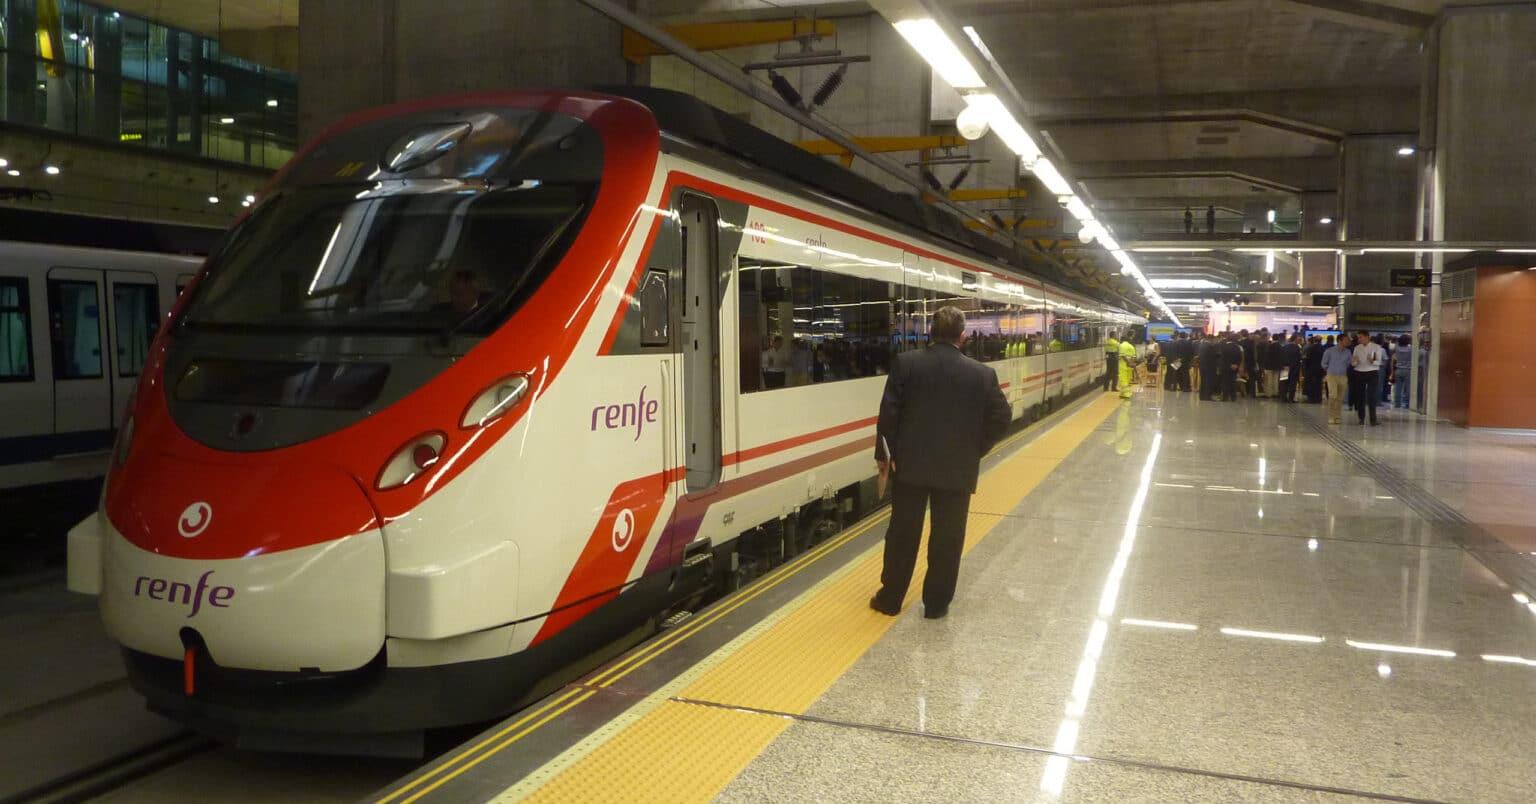 Civia de Cercanías Madrid en Aeropuerto T4. MIGUEL BUSTOS.